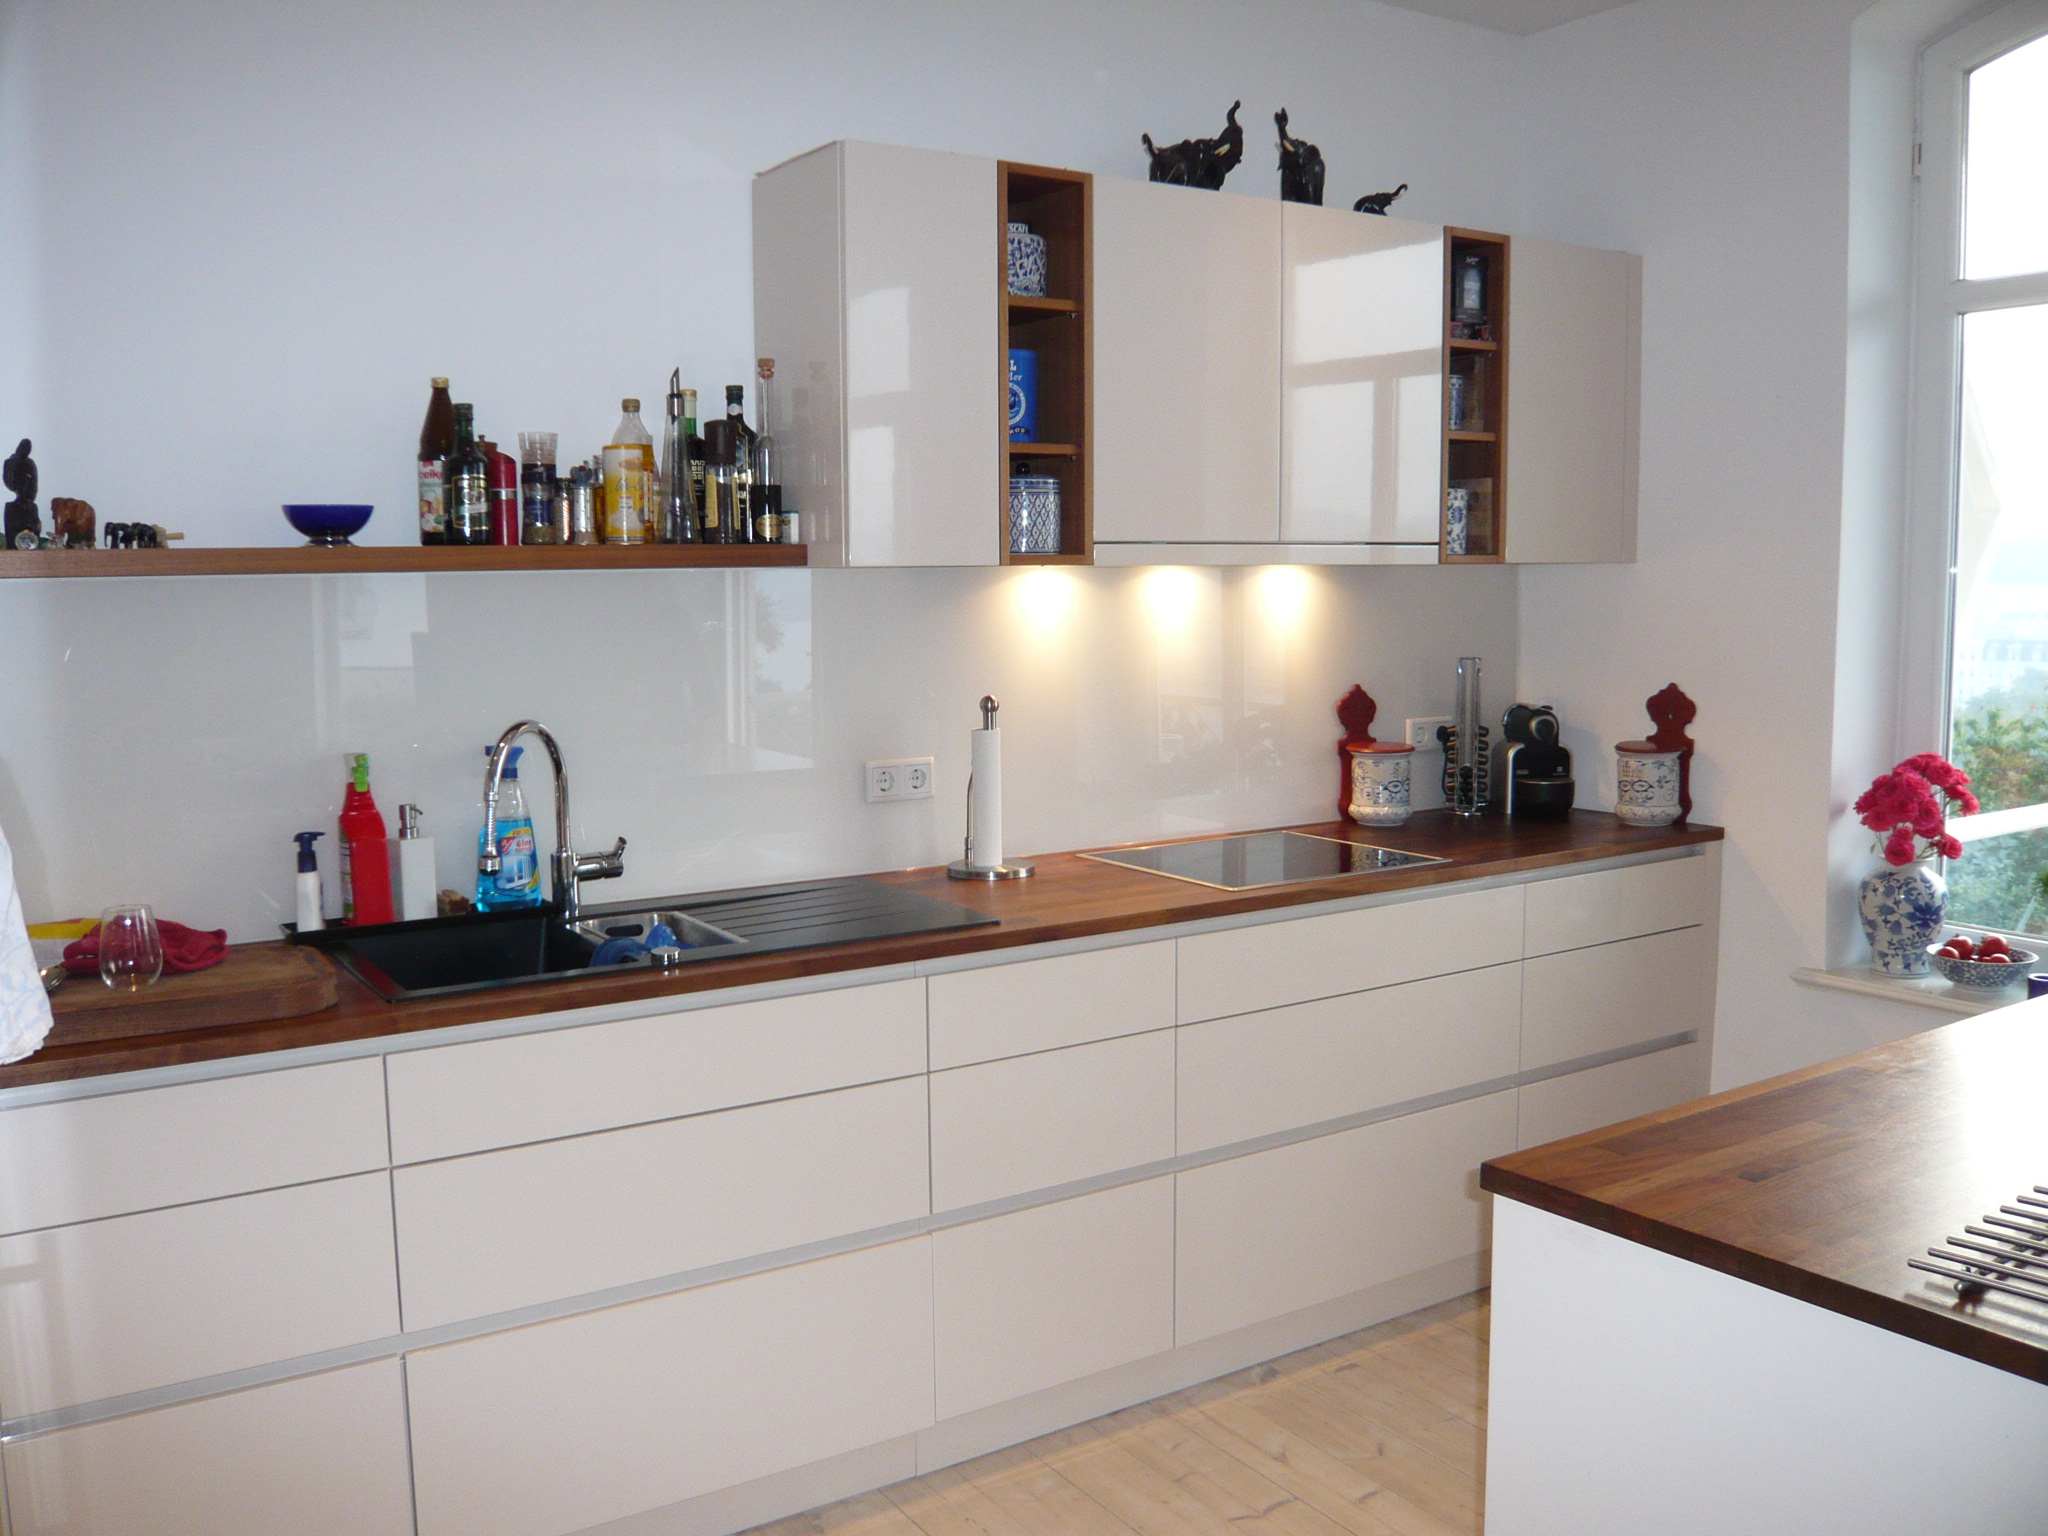 Küche hochglanz lackierte Fronten, halbhohe Schränke